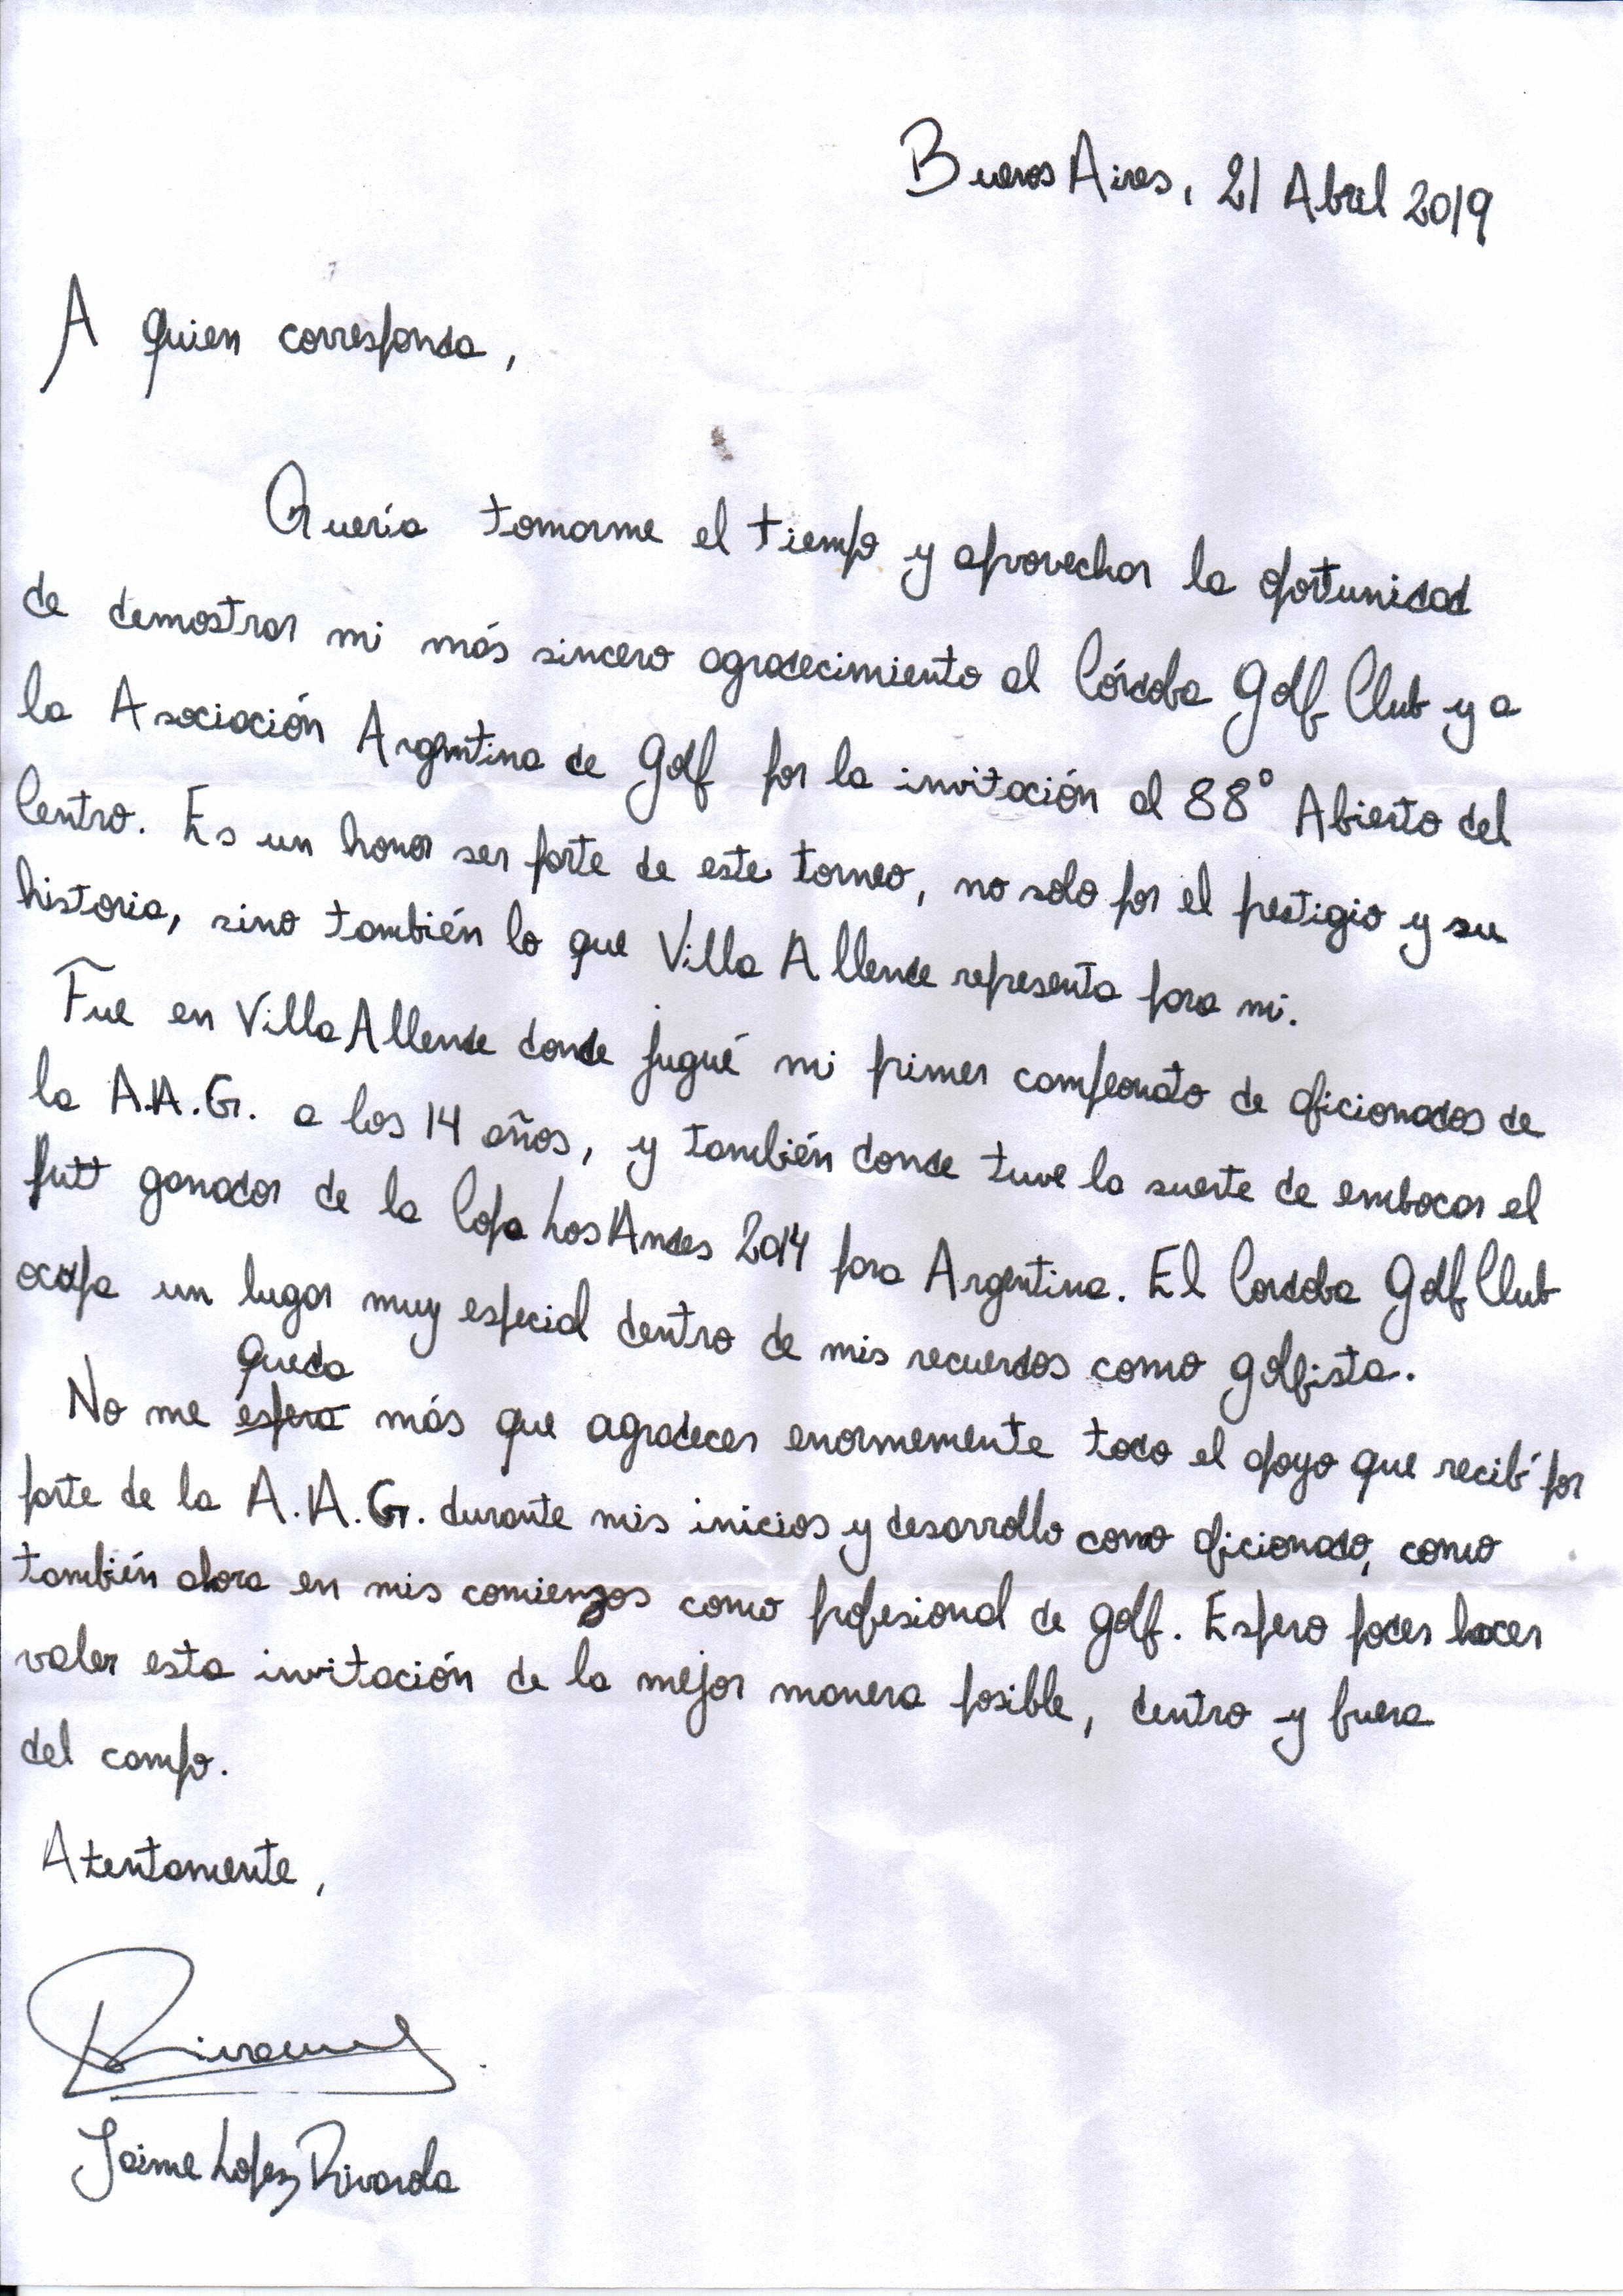 carta jaime lr